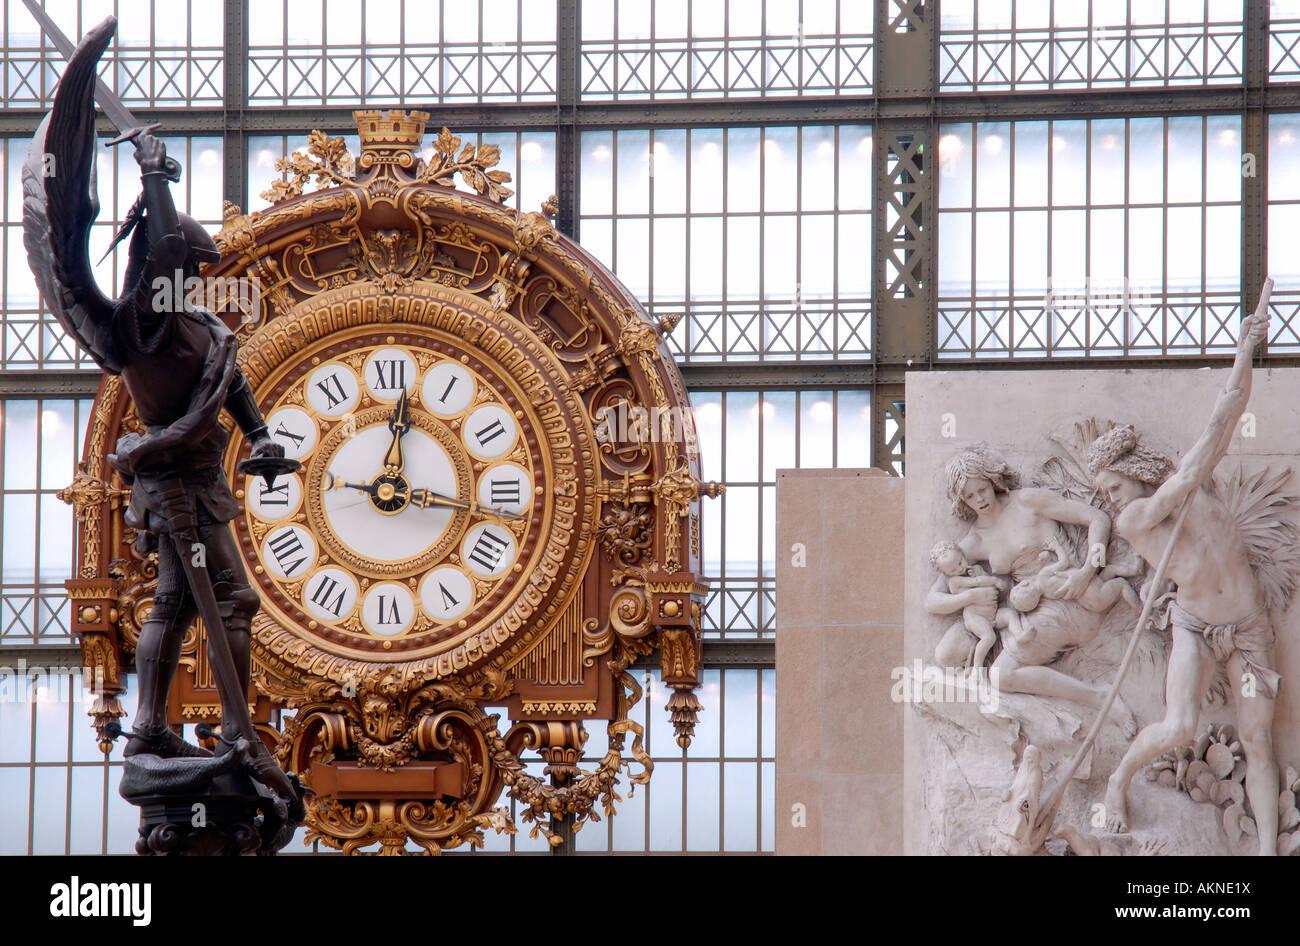 Frankreich, Paris, Musée d ' Orsay, interieur Stockbild